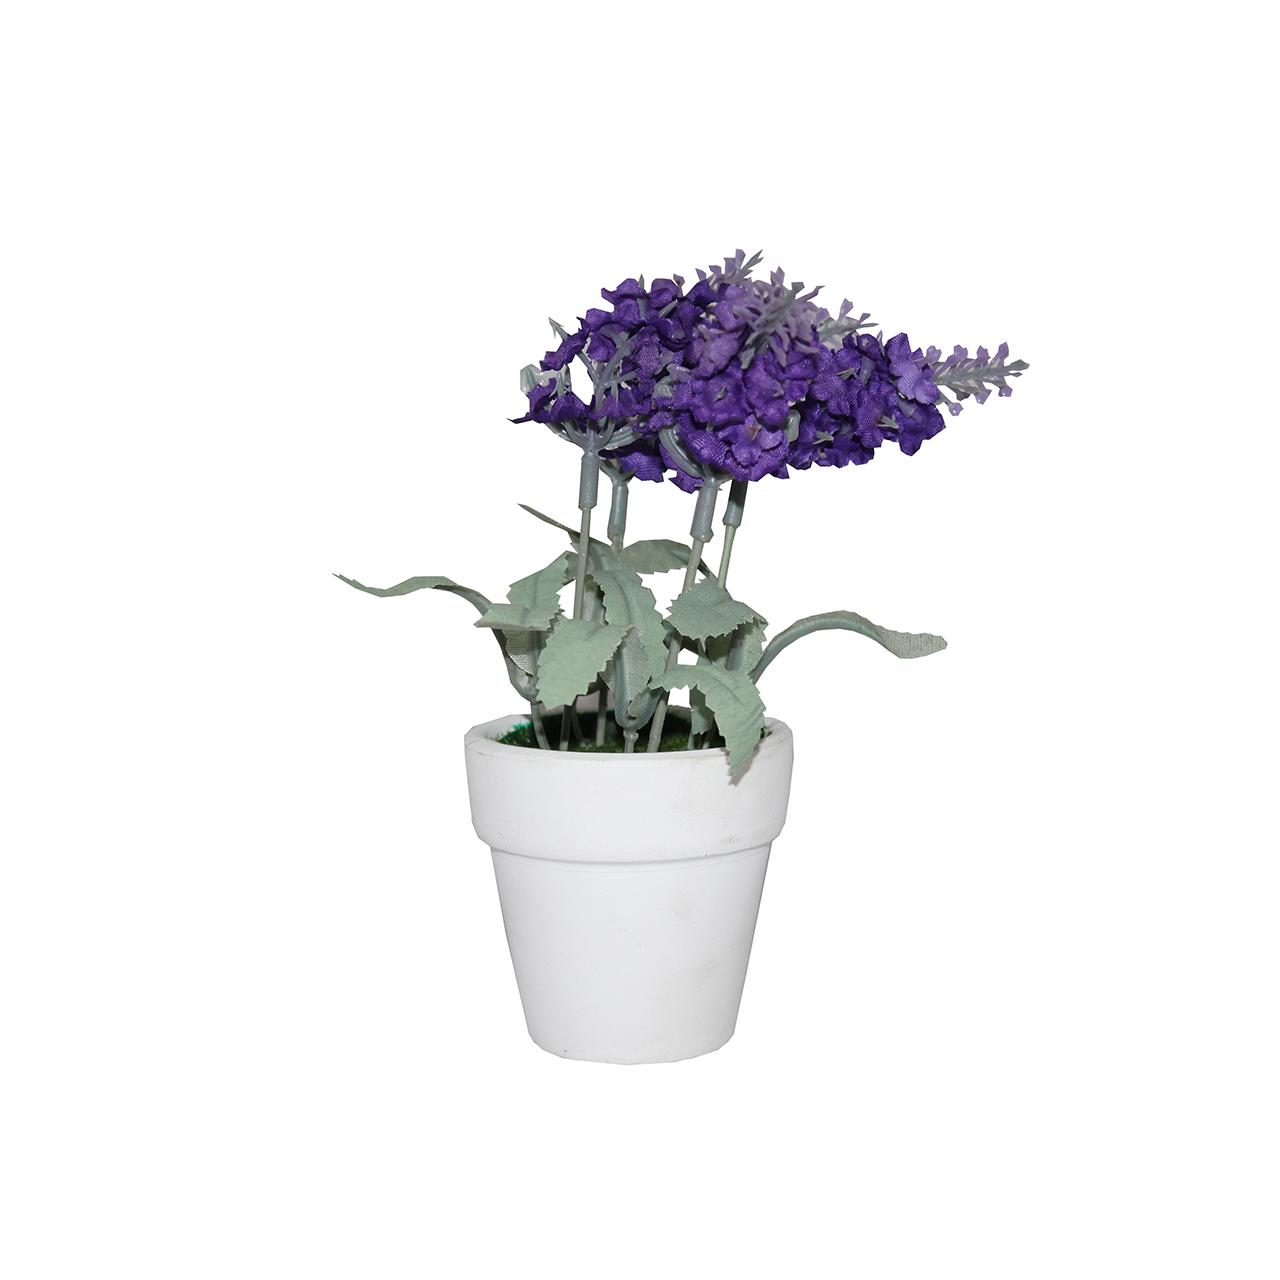 گلدان به همراه گل مصنوعی آتریسا مدل سنبل